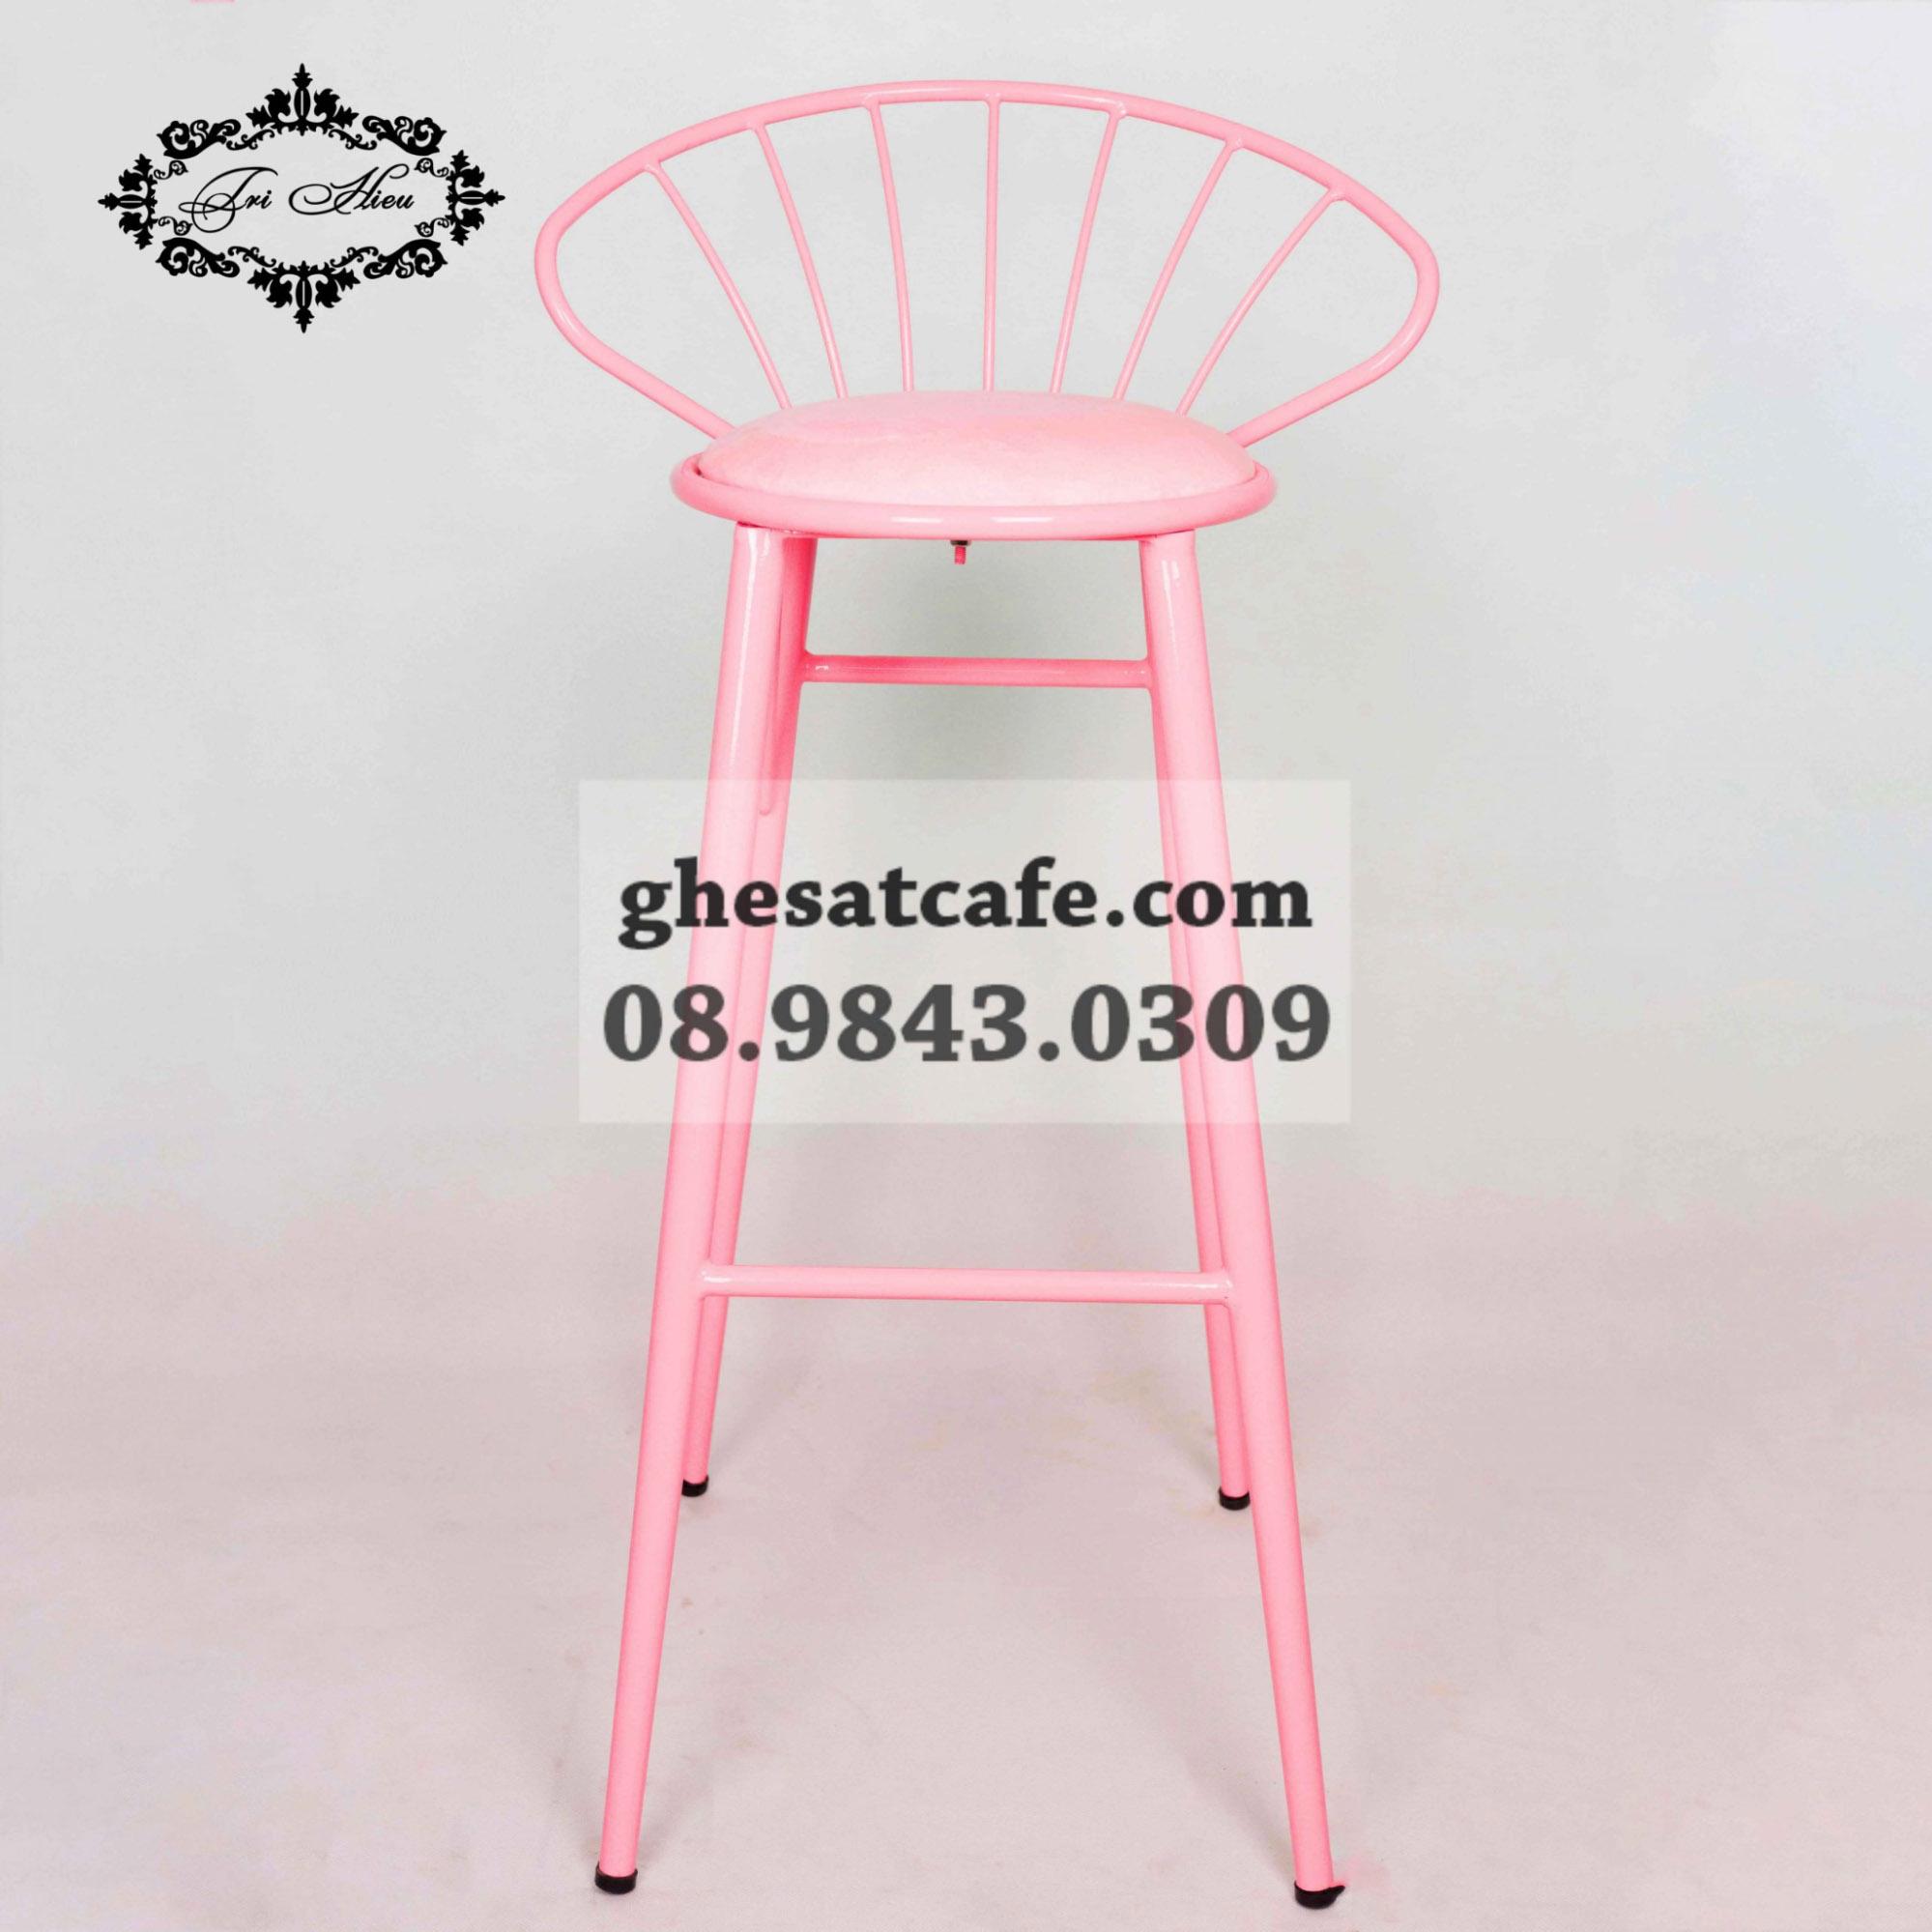 ghế bar màu hồng (1)